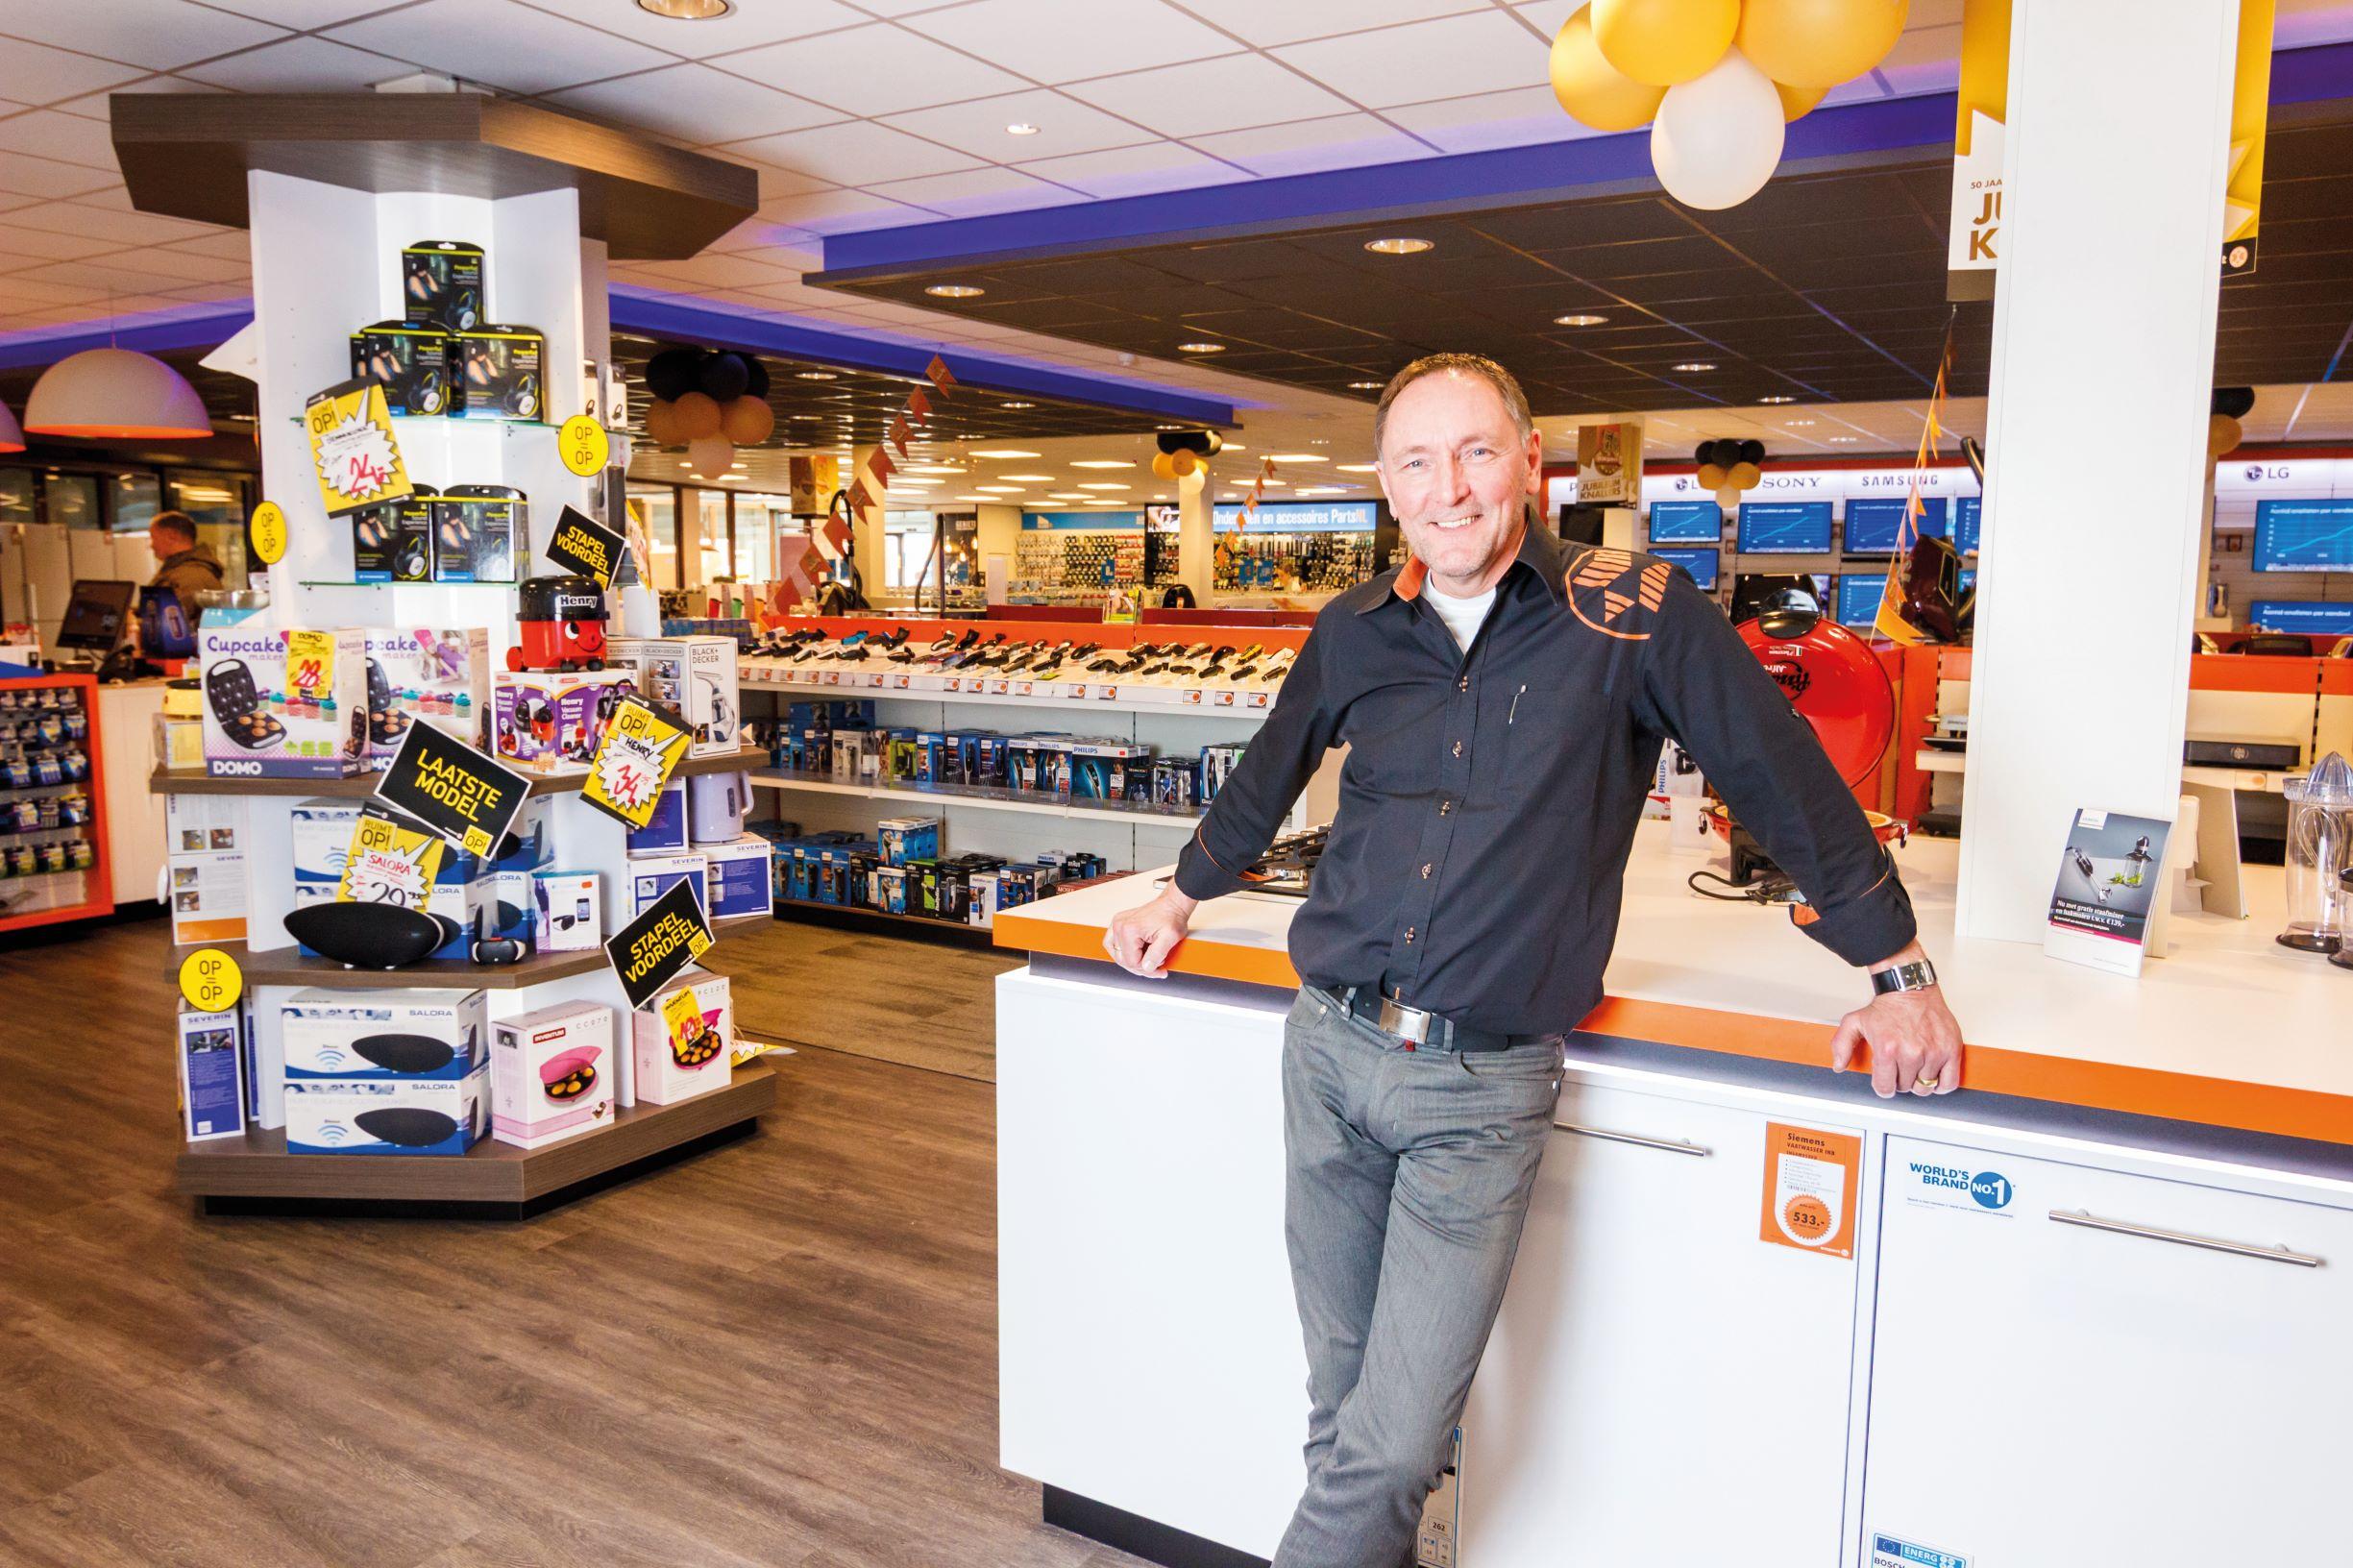 Consumentenelektronica winkel